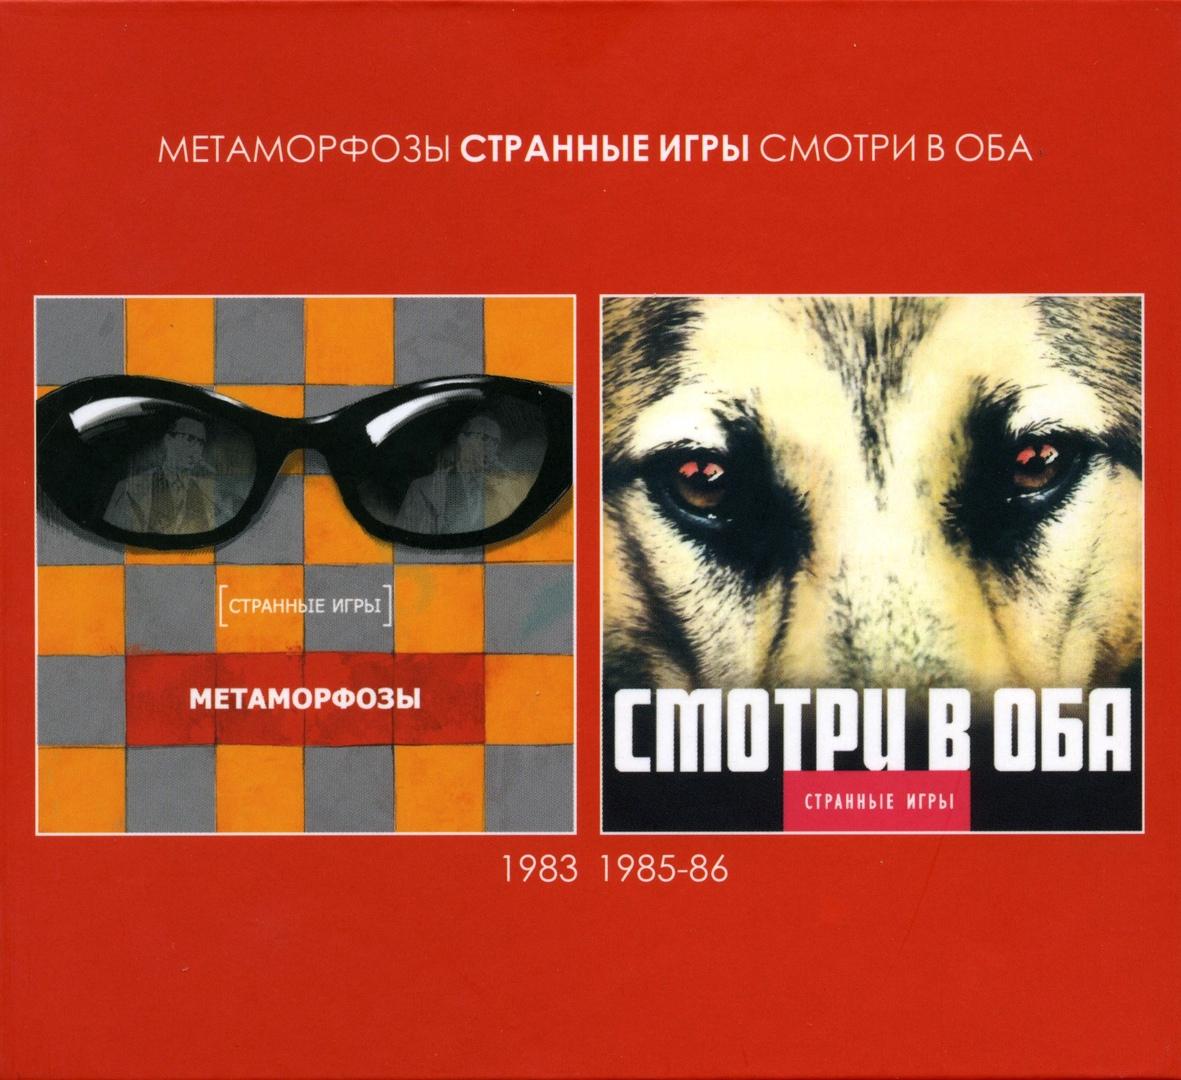 Странные Игры - Метаморфозы ⁄ Смотри В Оба [3 CD, Remastered, Box Set]